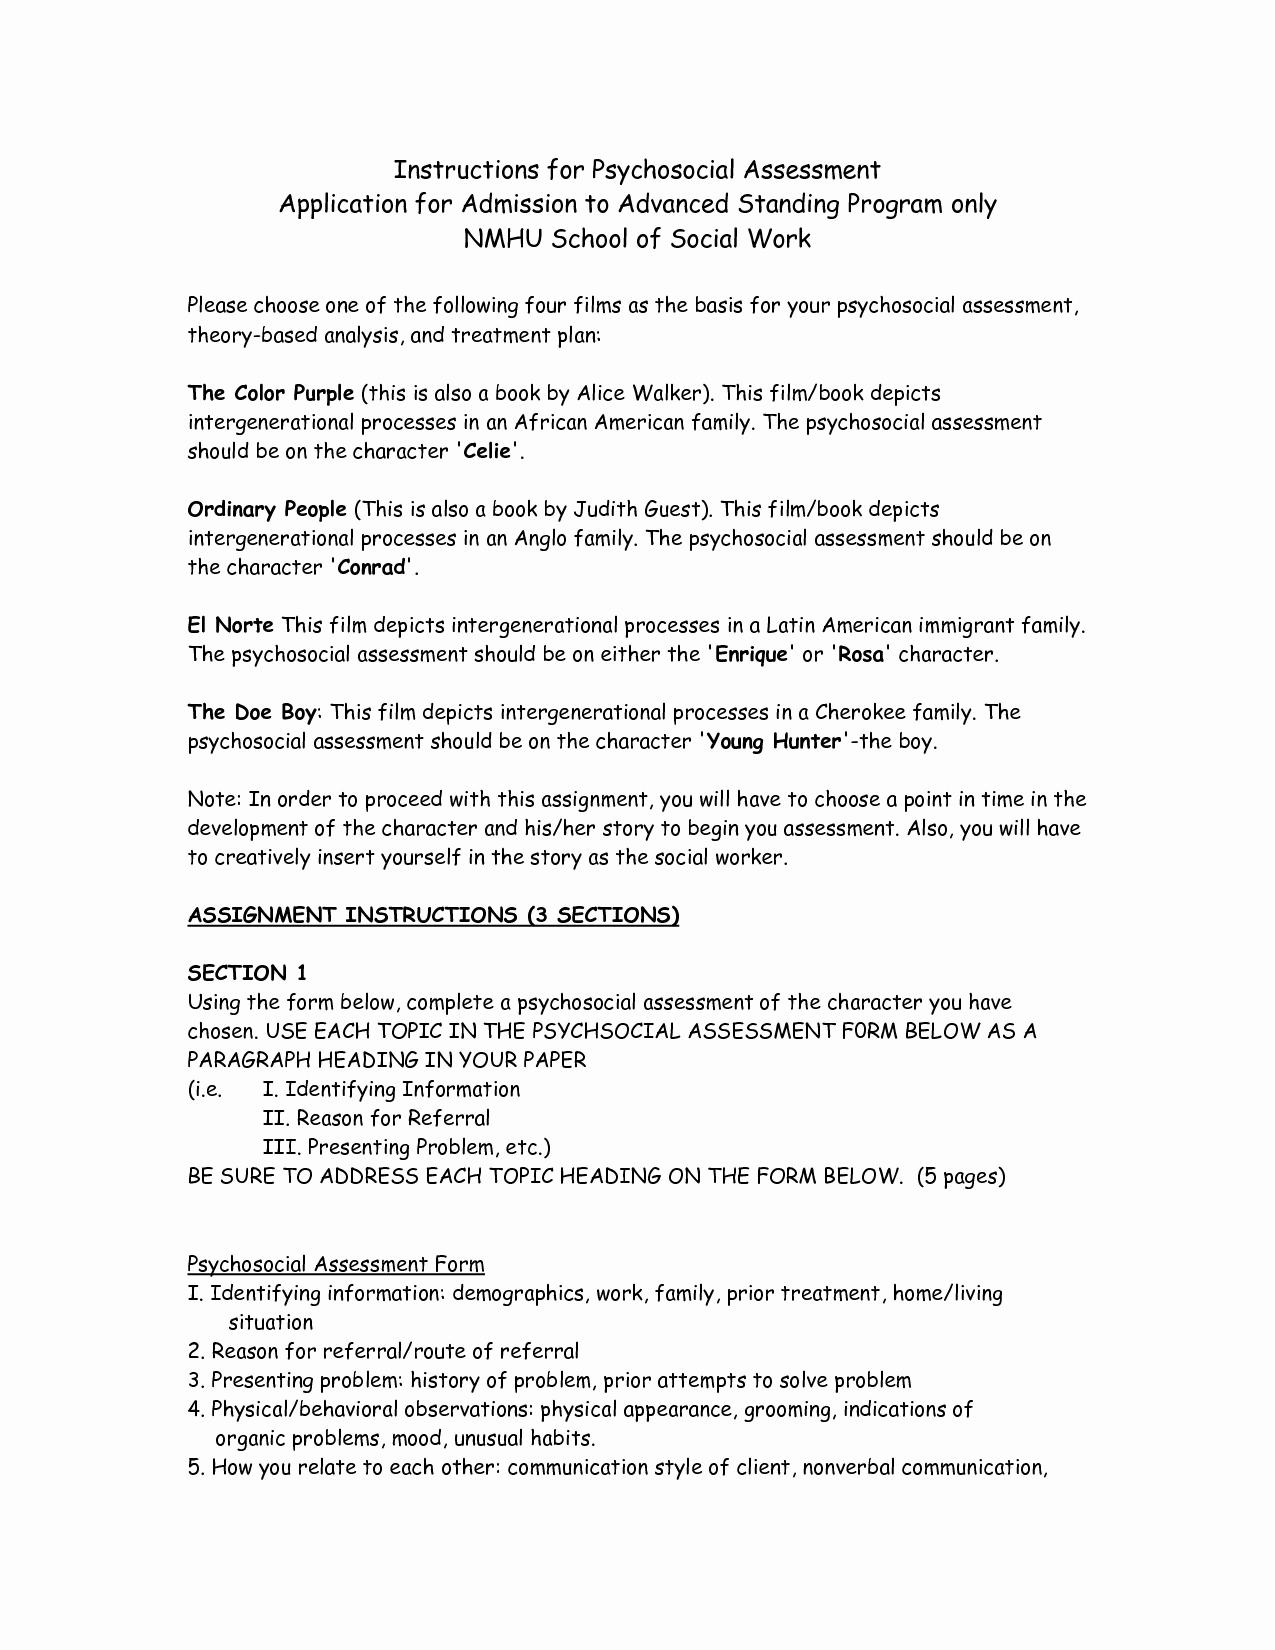 Social Work assessment form Lovely Best S Of social Work Client assessment forms